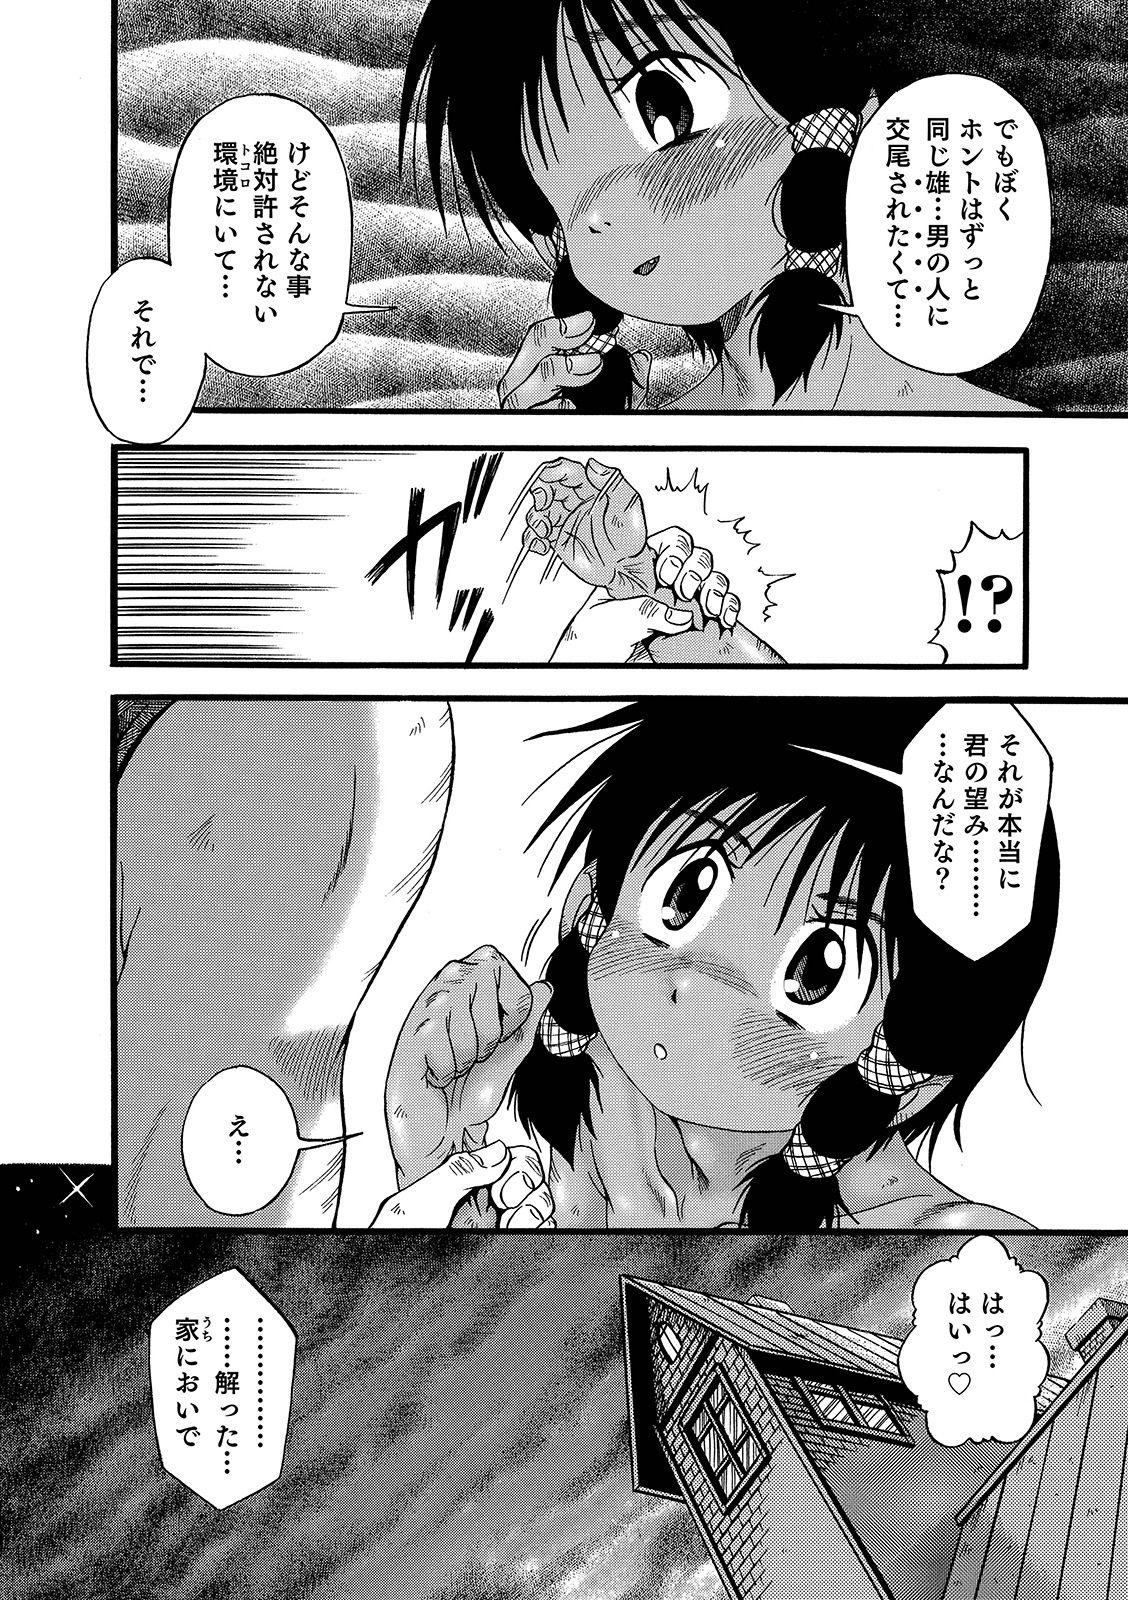 Otokonoko Heaven's Door 9 93